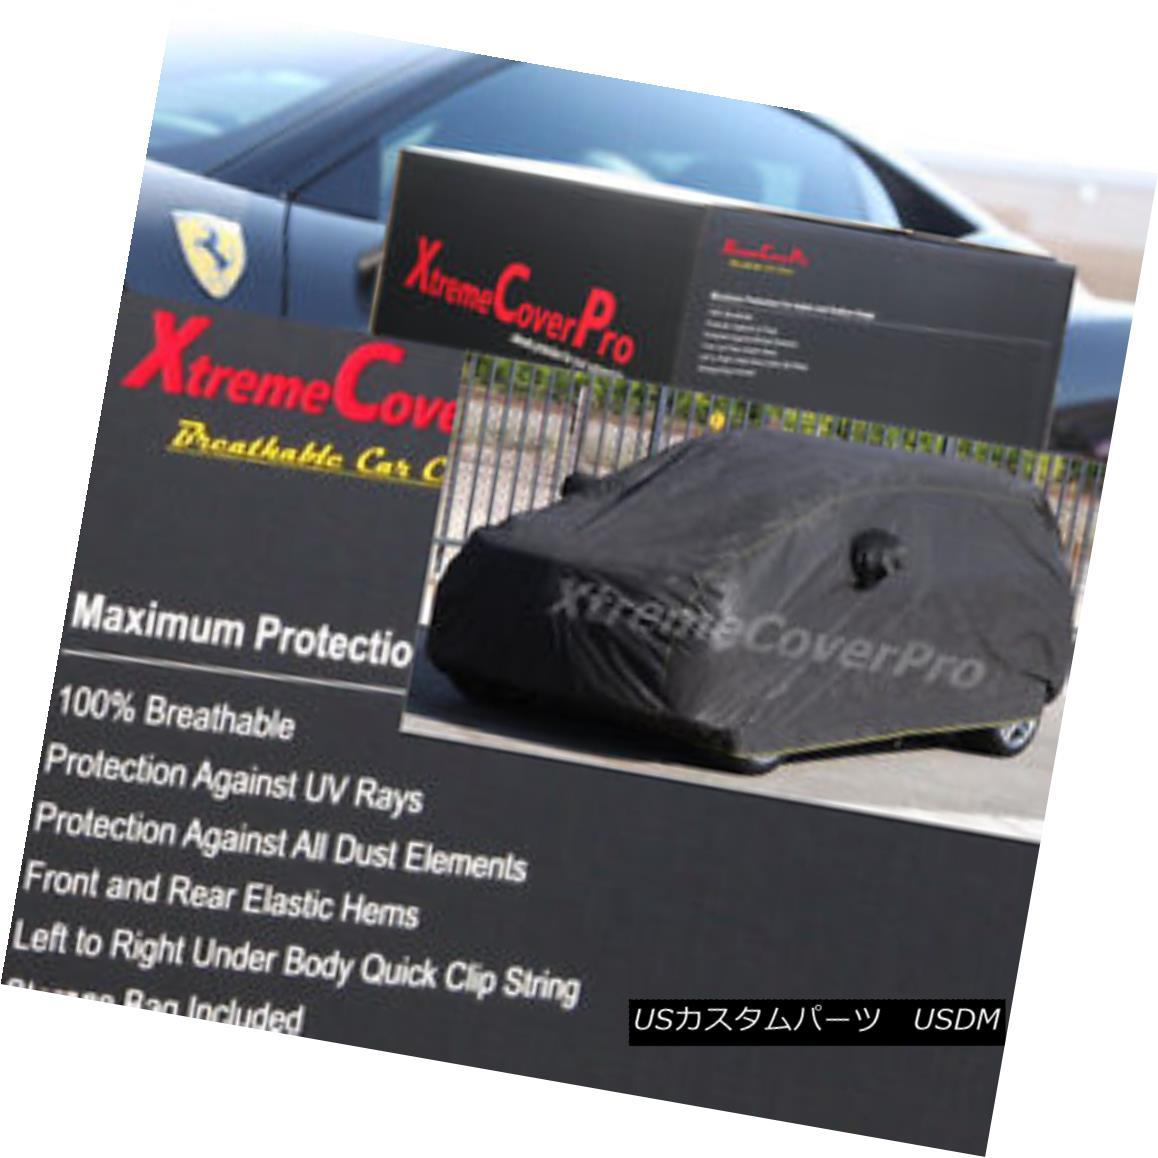 カーカバー 2002 2003 2004 Mercedes G500 G550 G55 Breathable Car Cover w/MirrorPocket 2002年2003年2004年メルセデスG500 G550 G55通気性車カバー付き/ MirrorPocket